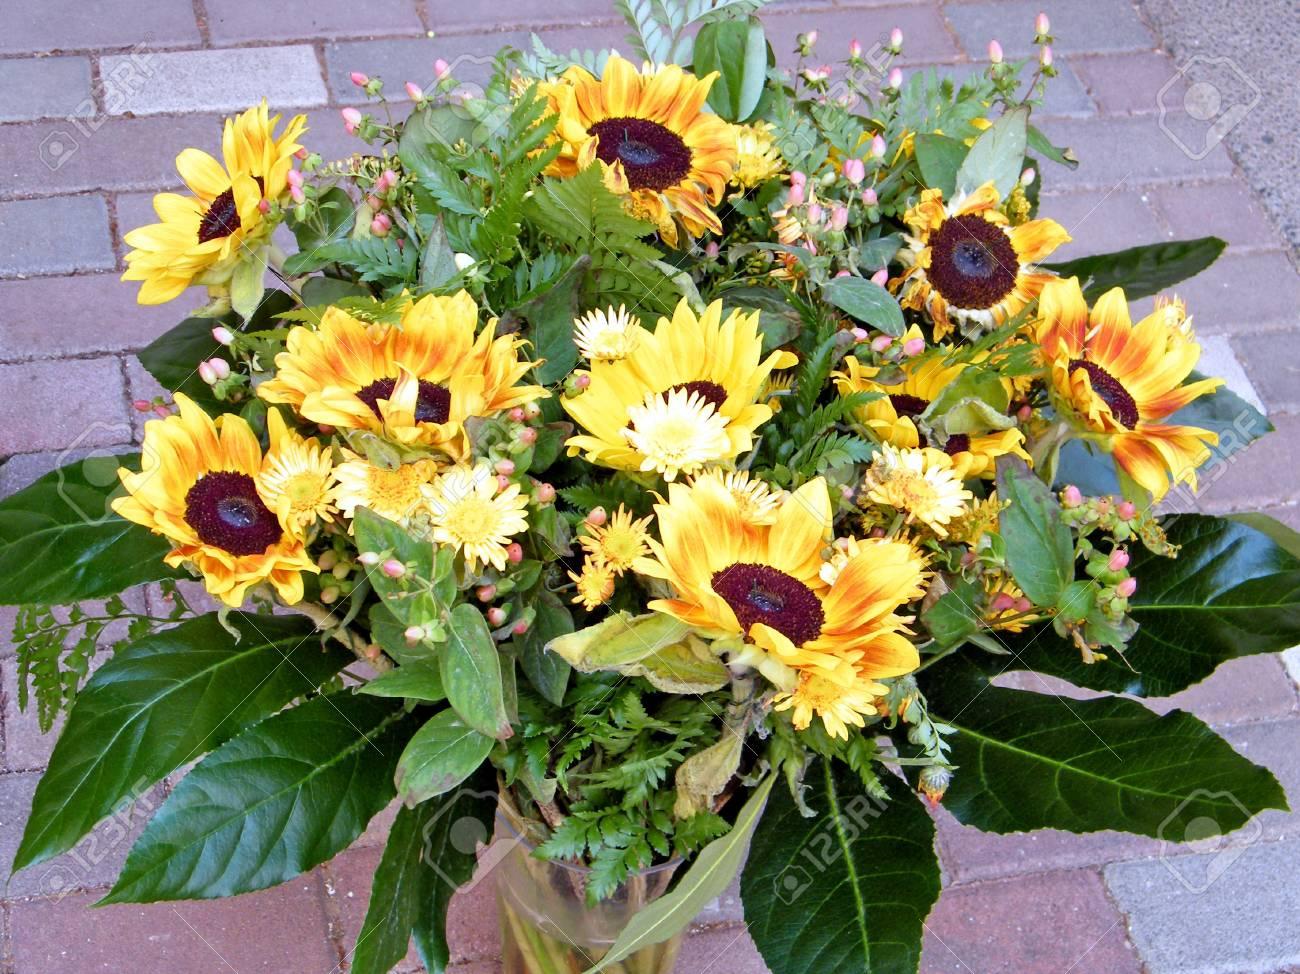 le bouquet de tournesol à or yehuda, israël, le 21 juillet, 2010